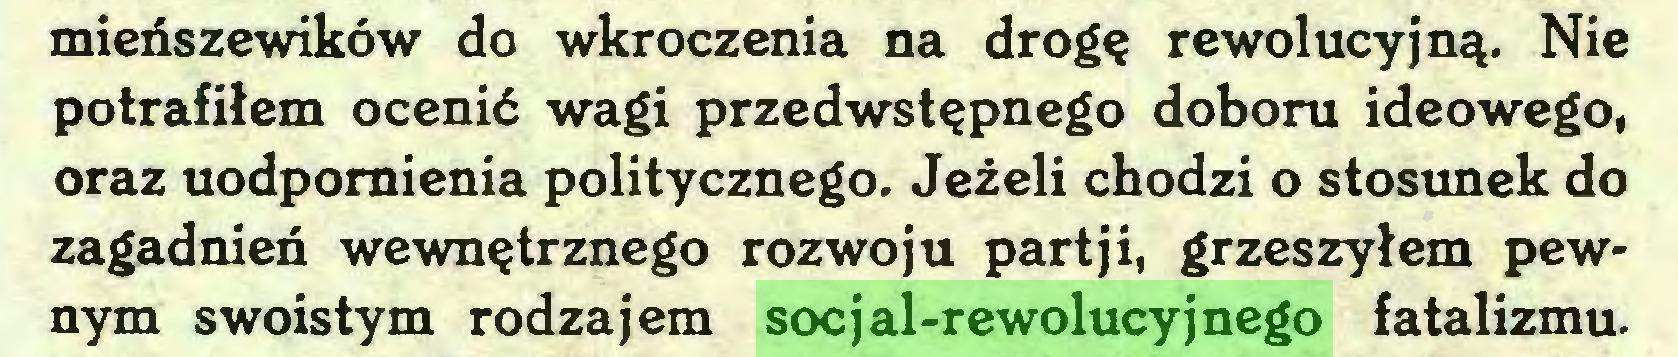 (...) mieńszewików do wkroczenia na drogę rewolucyjną. Nie potrafiłem ocenić wagi przedwstępnego doboru ideowego, oraz uodpornienia politycznego. Jeżeli chodzi o stosunek do zagadnień wewnętrznego rozwoju partji, grzeszyłem pewnym swoistym rodzajem socjal-rewolucyjnego fatalizmu...